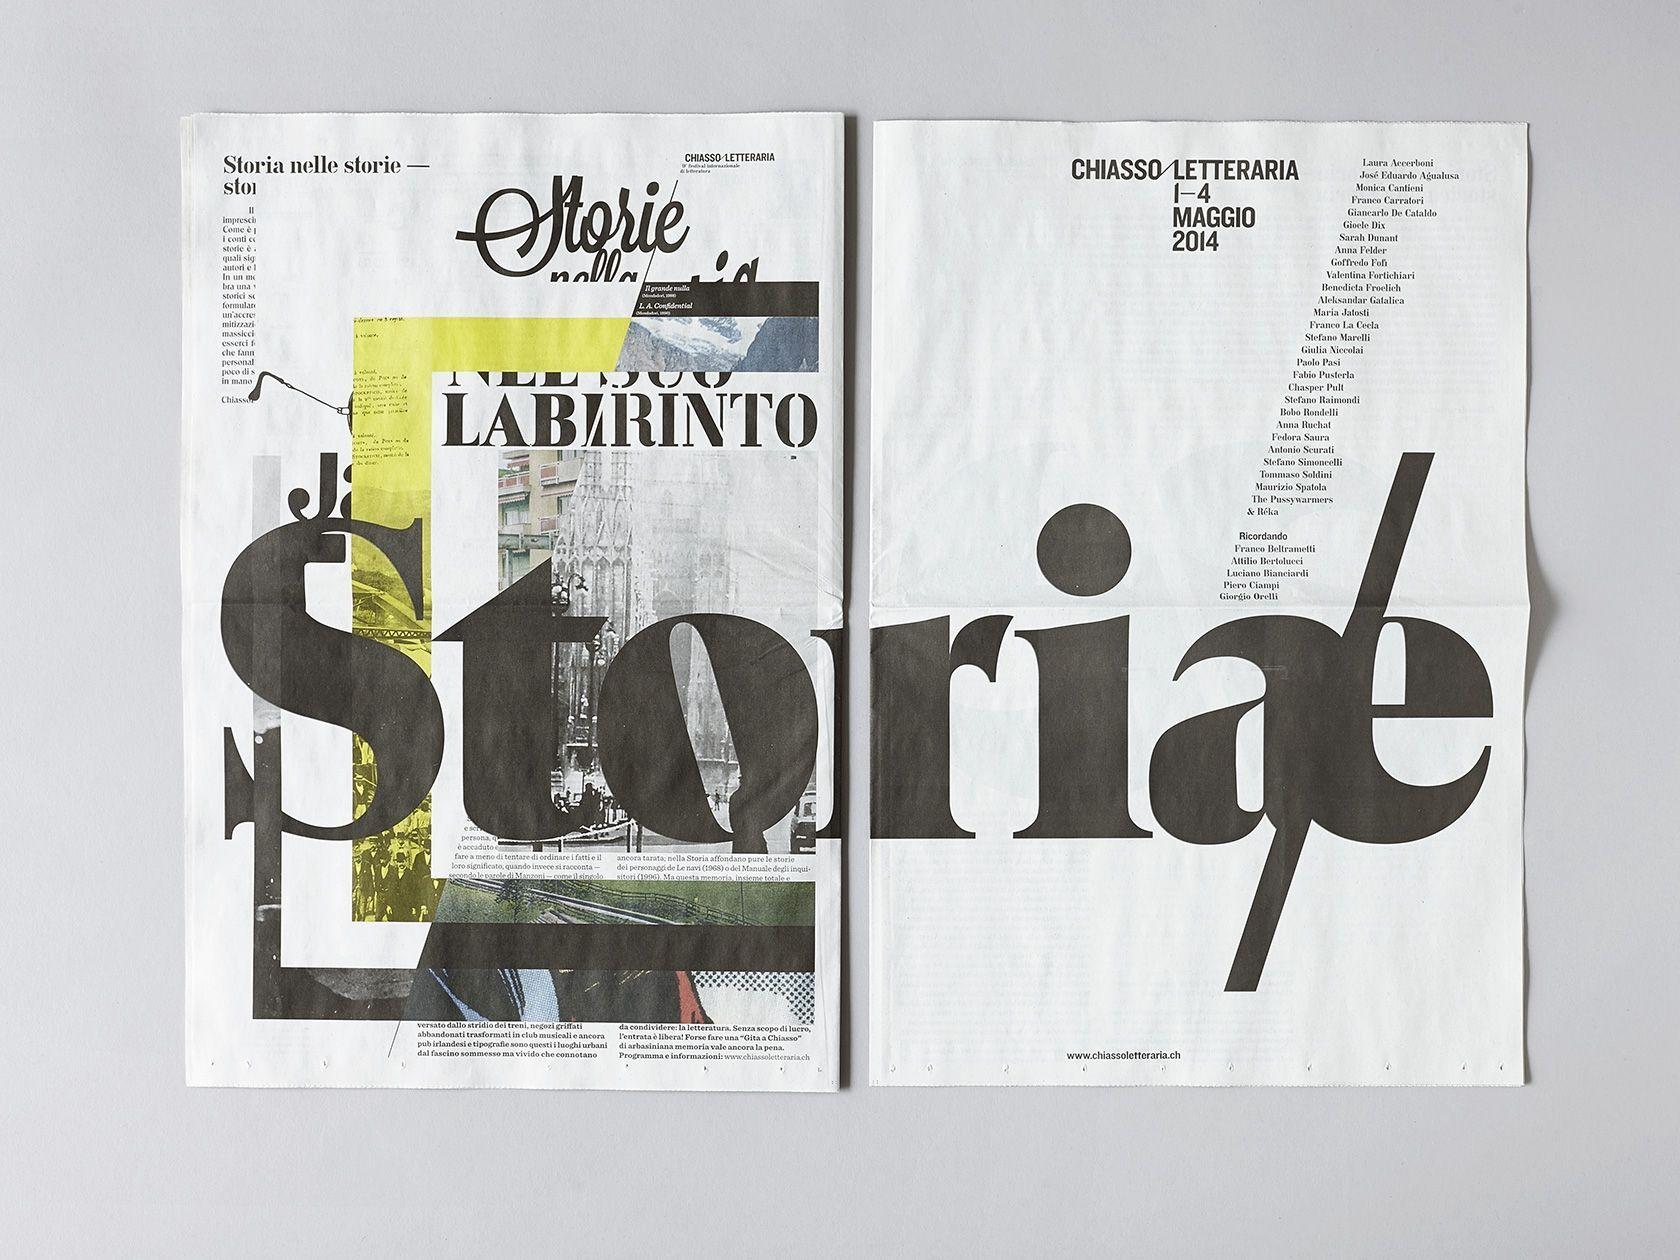 Newsprint by ccrz for ChiassoLetteraria - Storia/e